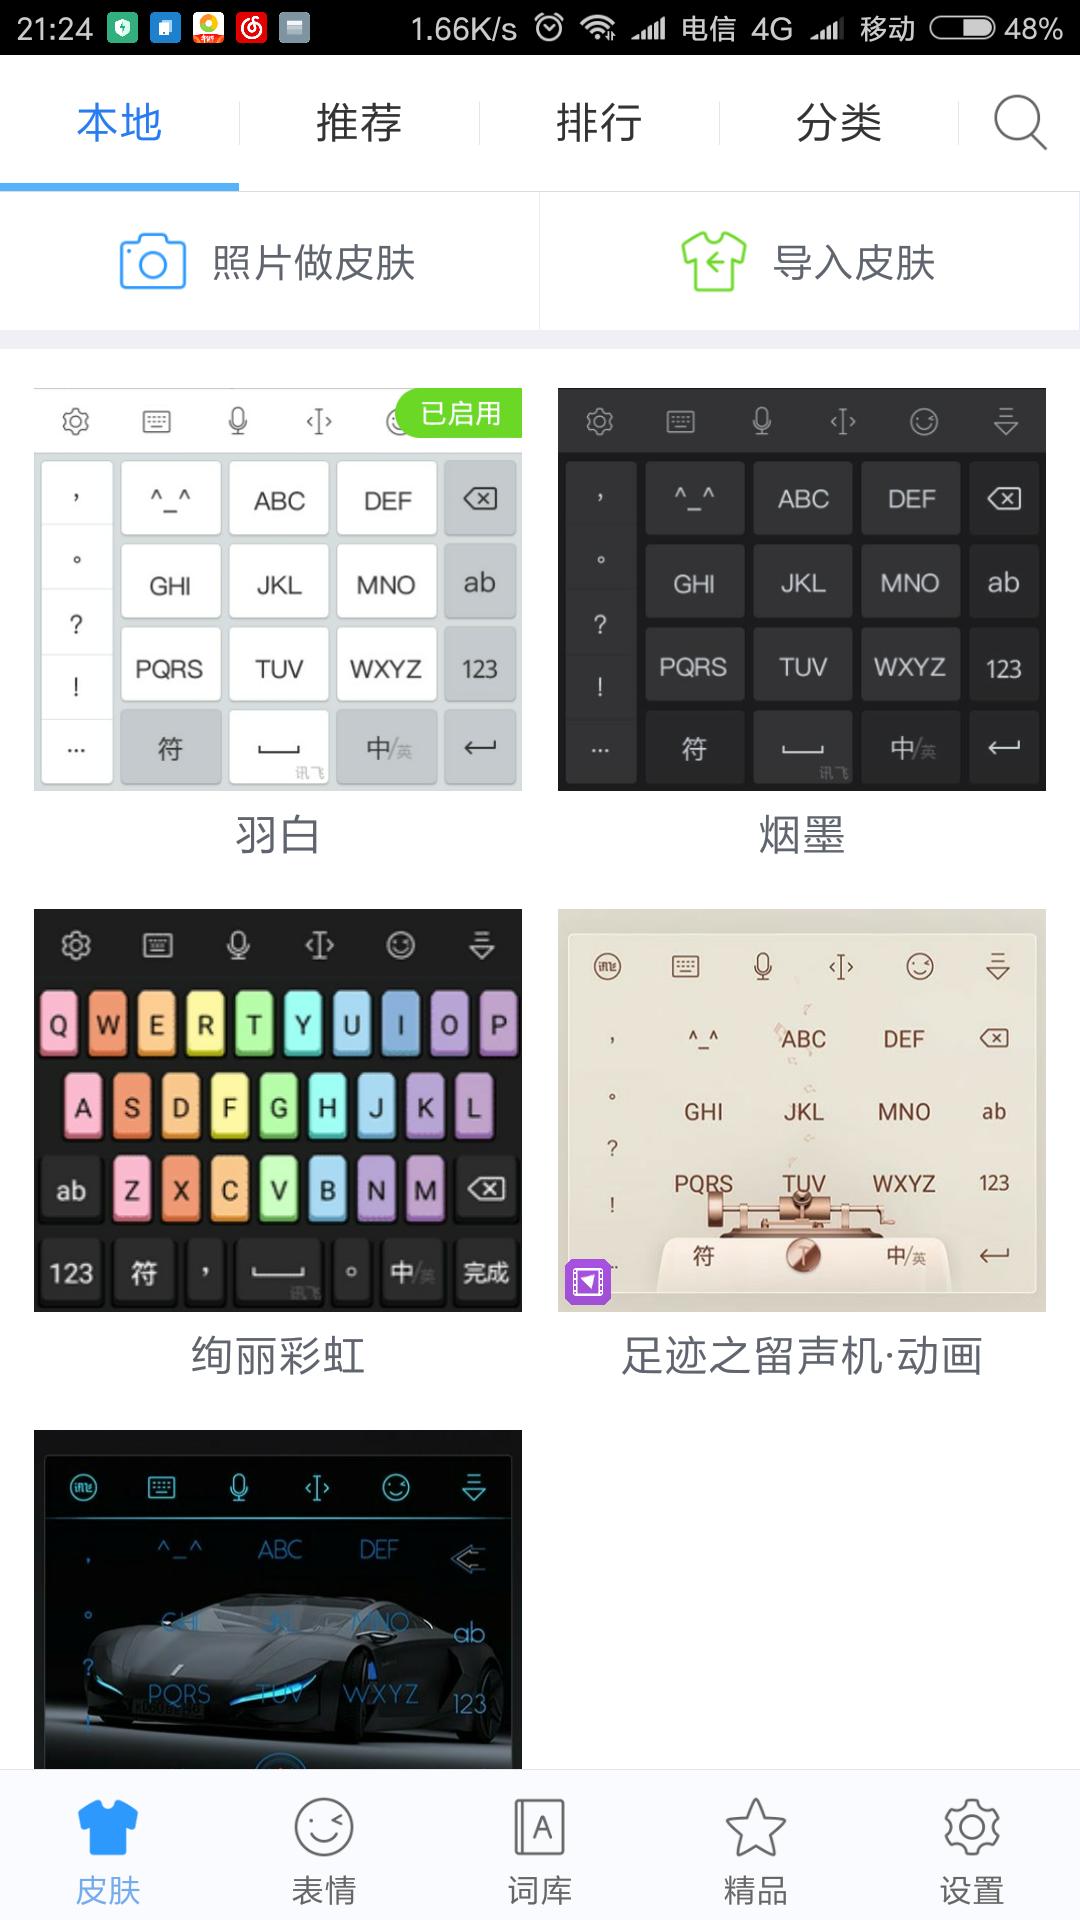 记录键盘输入的软件_小米4手机输入法键盘背景图片如何设置?_百度知道